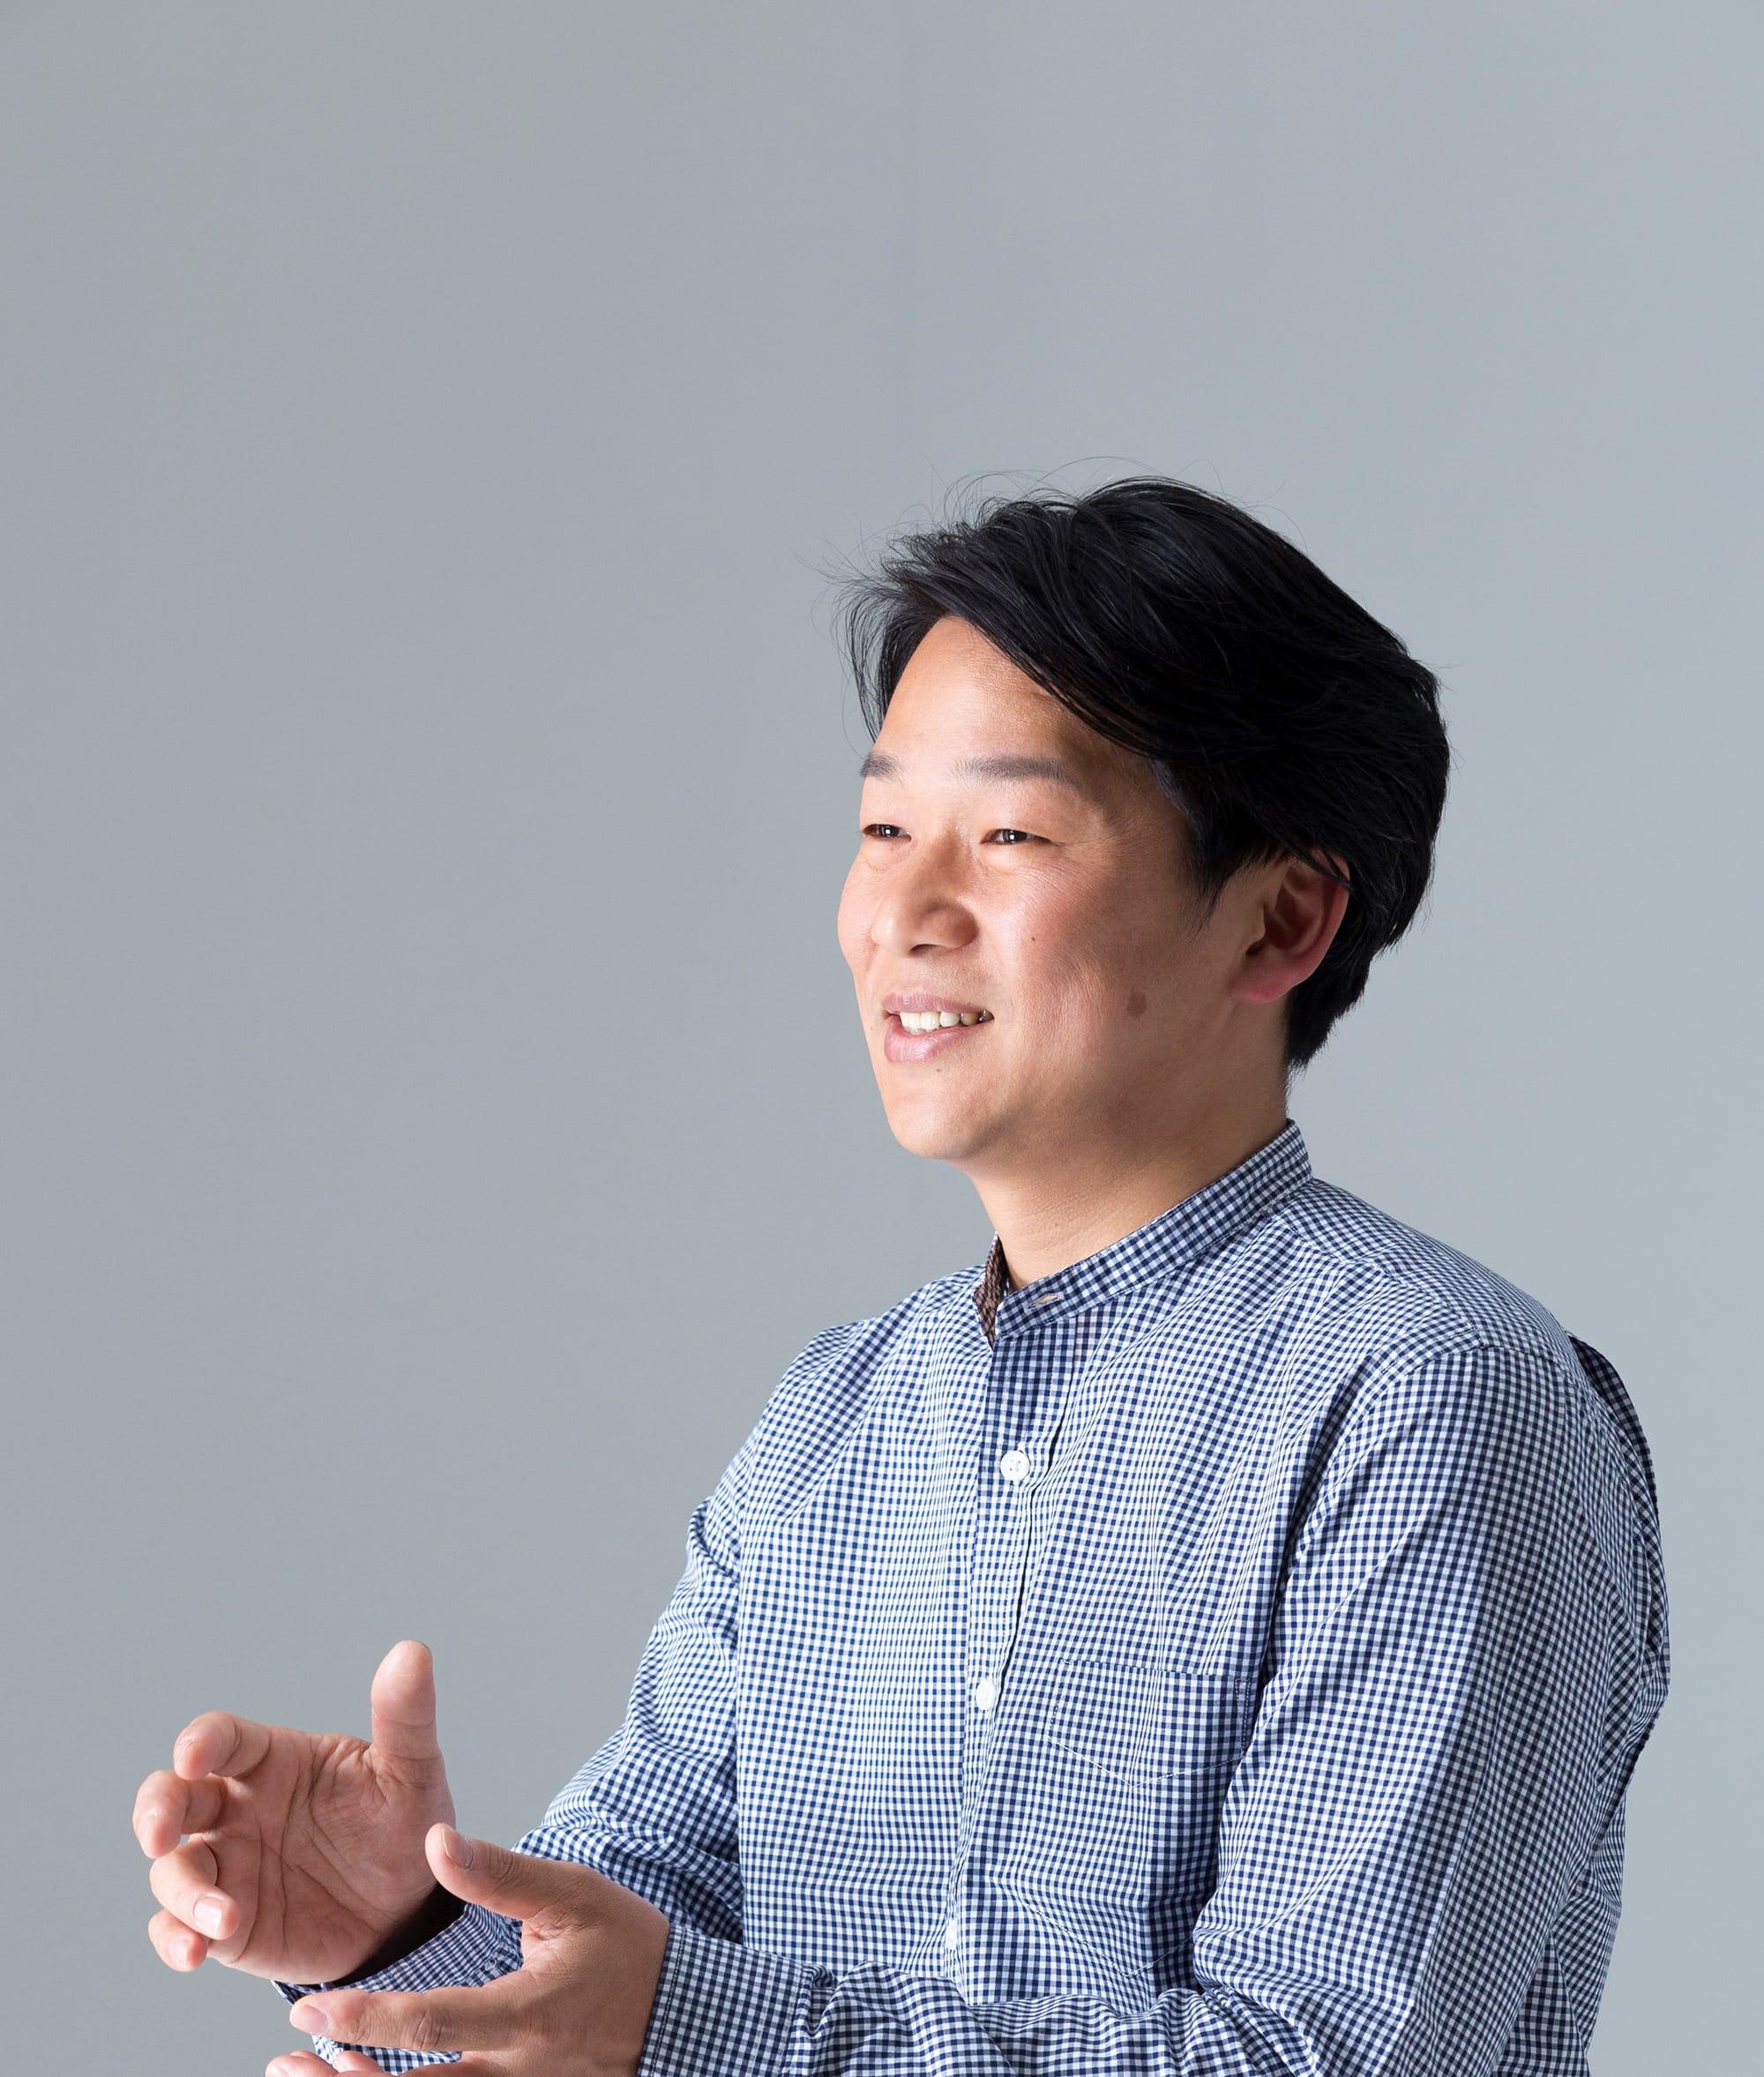 内田徹 Toru Uchida 漆琳堂 代表取締役社長 1976年生まれ。1793年創業の越前漆器メーカー漆琳堂の8代目。主に丸物(お椀、皿類)の下地と上塗りを得意とする。15年に渡り、祖父と父の元、漆器制作の下地と上塗りの修業をし、木地から上塗りまで一定の厚さに仕上げて塗膜を均一にする技術を習得。2015年より福井大学にて産学官連携本部に入部。漆の研究を県と大学とともに行い、耐熱性の高い漆を開発し、「食洗機で洗える漆椀」の開発につなげる。経済産業省「中小企業がんばる企業300社」に選出。技術継承のために若手職人を雇用し、地域産業観光のリーダーとして活躍。2013年、産地史上最年少で「経済産業大臣指定伝統的工芸品越前漆器塗り部門伝統工芸士」認定を受ける。